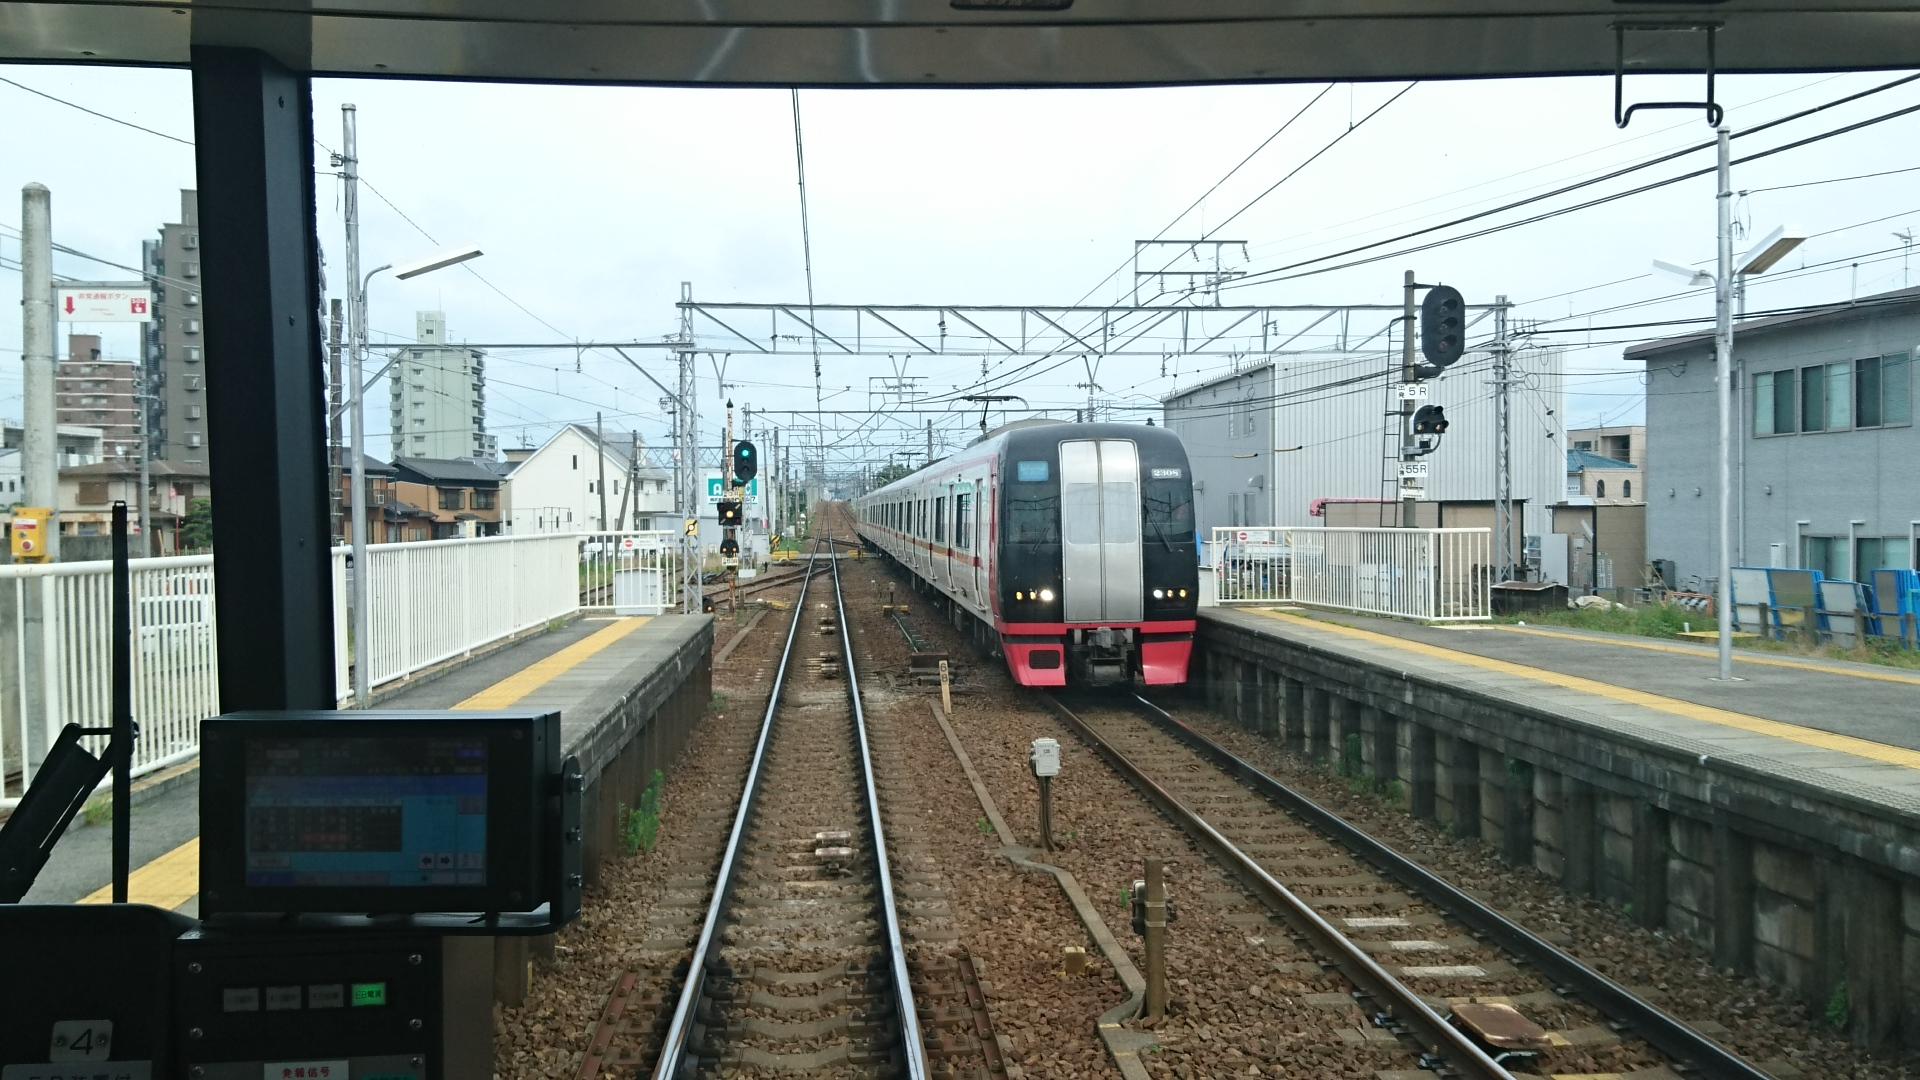 2017.7.9 名鉄 (17) 東岡崎いきふつう - 矢作橋(新鵜沼いき快速特急) 1920-1080